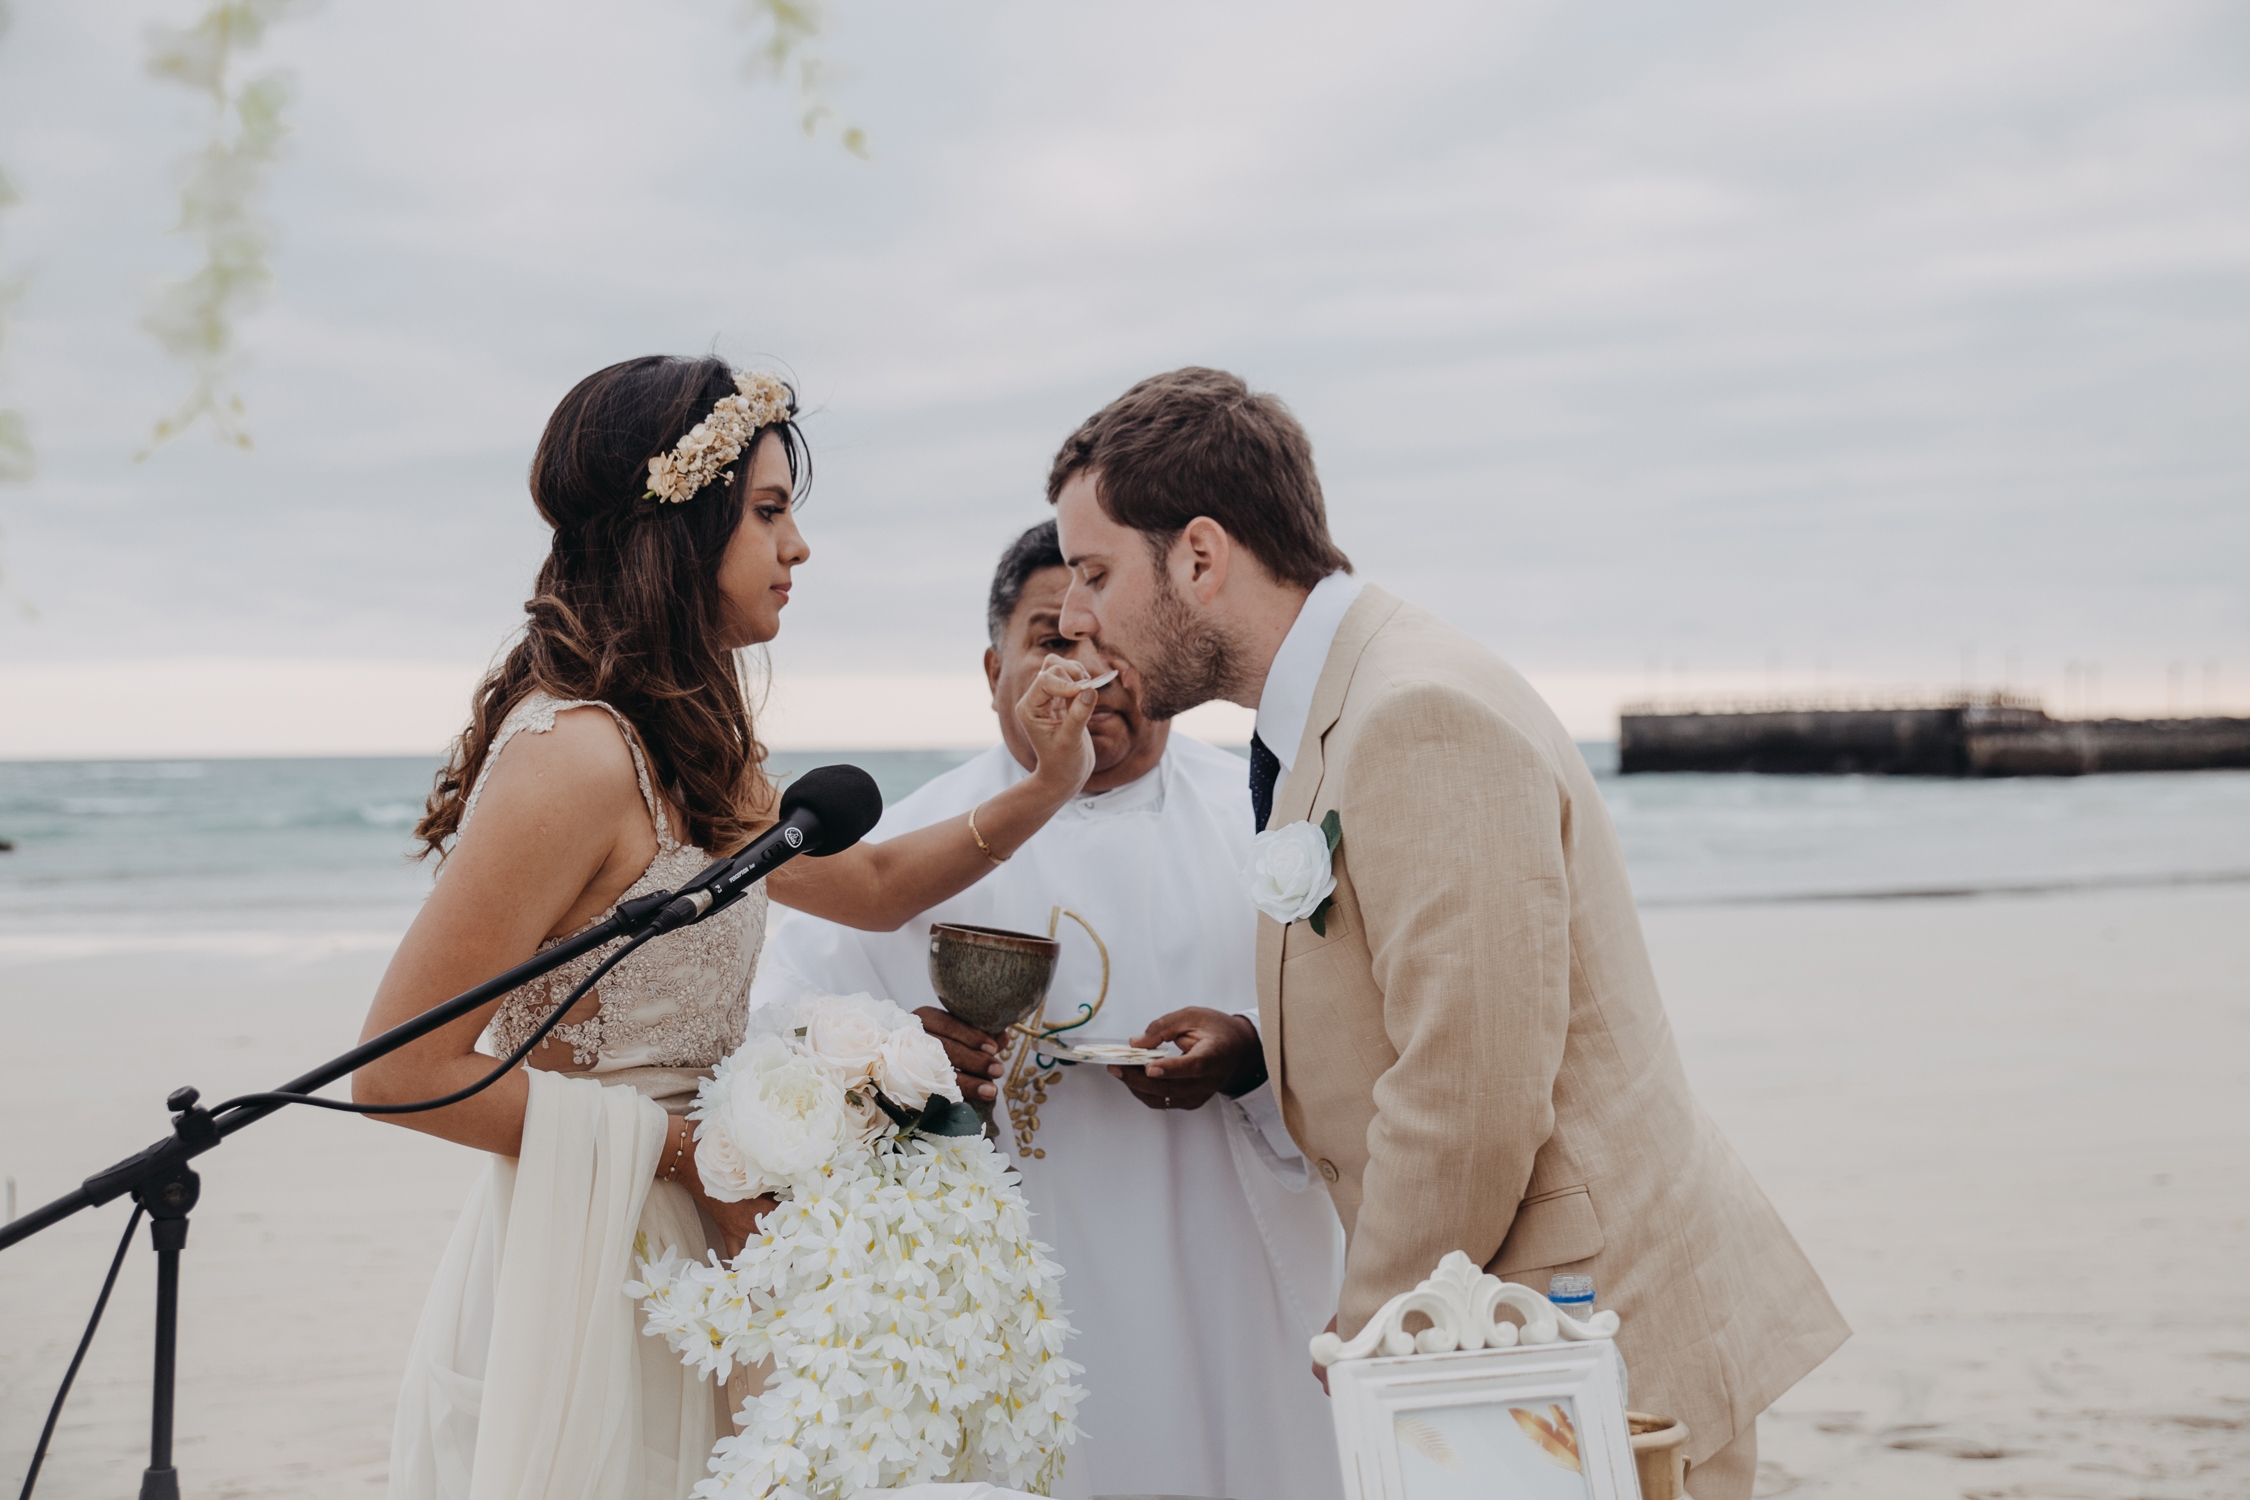 Michelle-Agurto-Fotografia-Bodas-Ecuador-Destination-Wedding-Photographer-Galapagos-Andrea-Joaquin-141.JPG